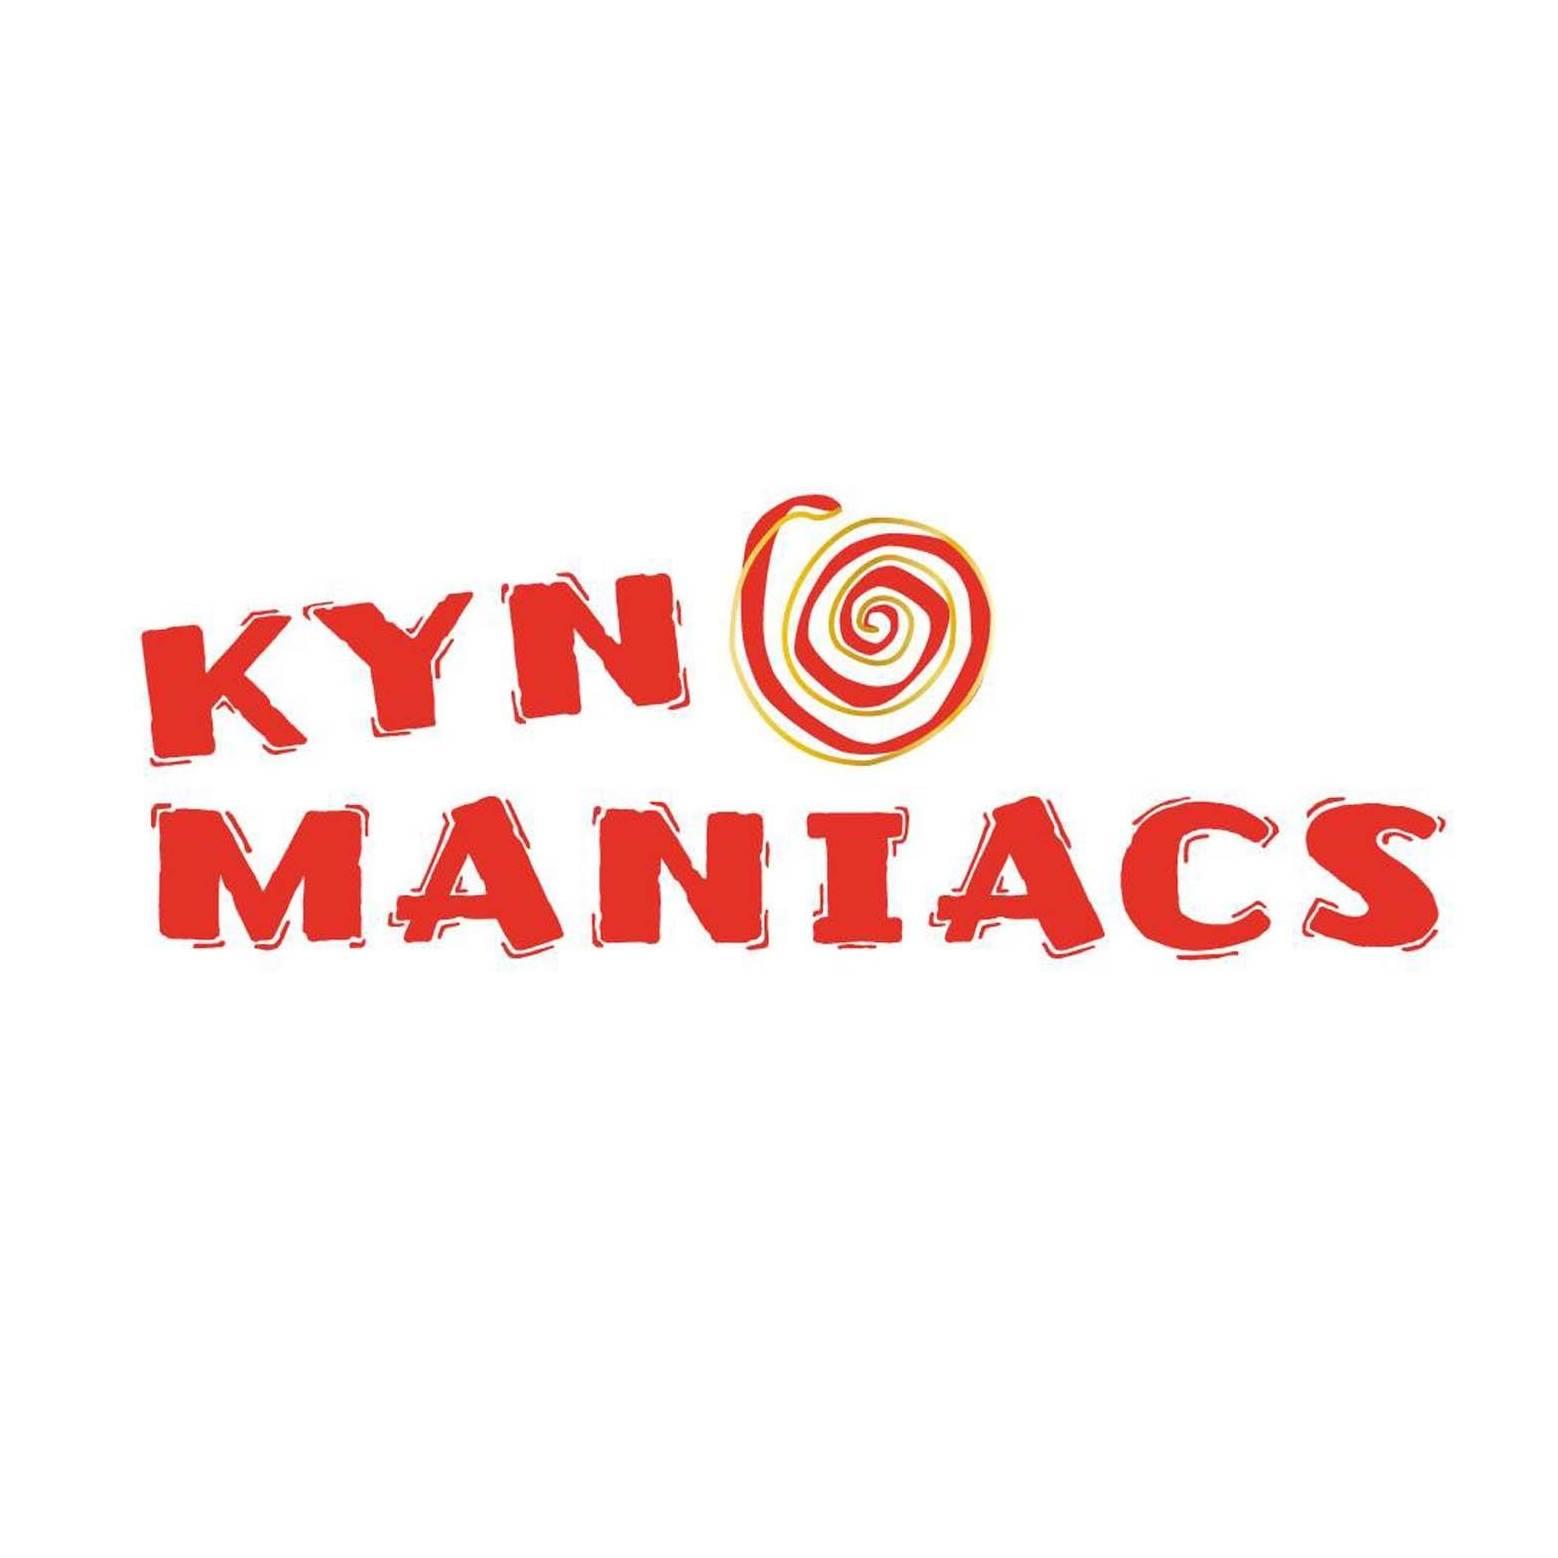 Kynomaniacs